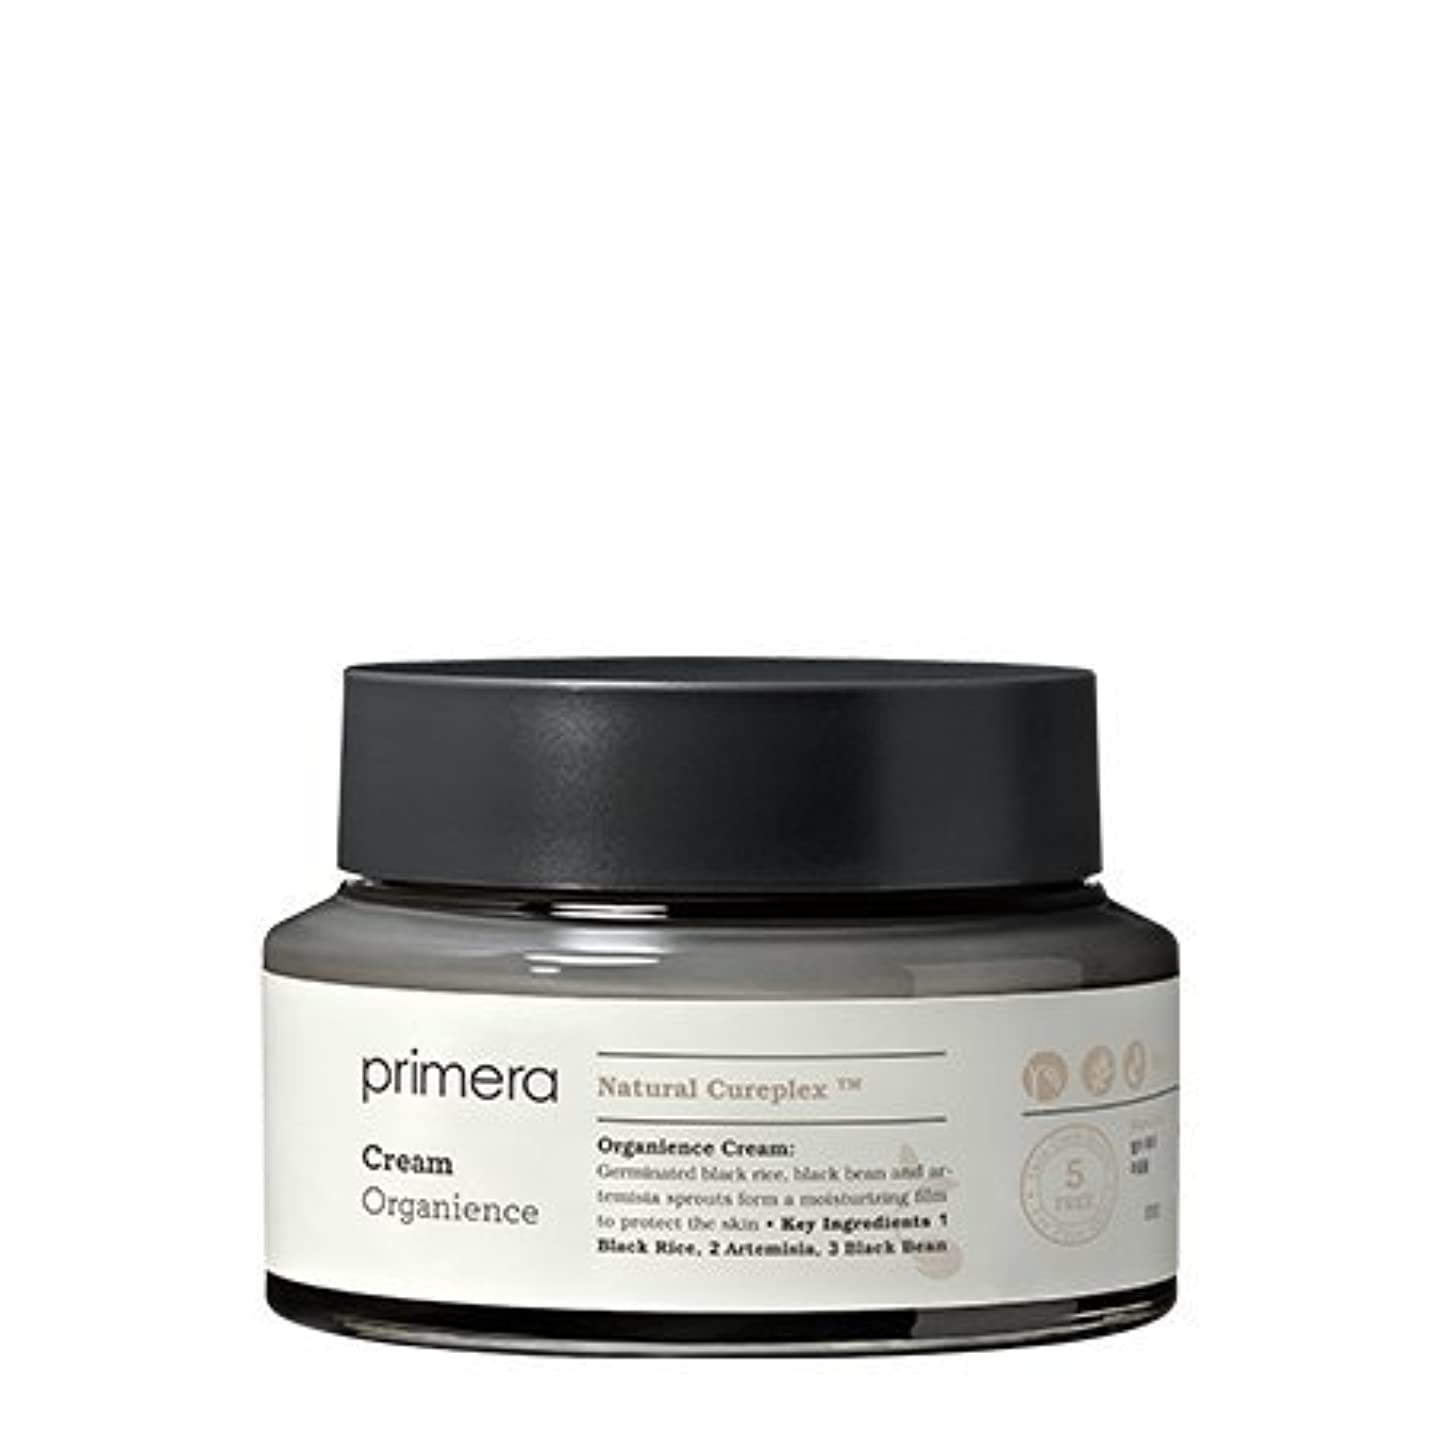 規模アーク更新【Primera】Organience Cream - 30ml (韓国直送品) (SHOPPINGINSTAGRAM)